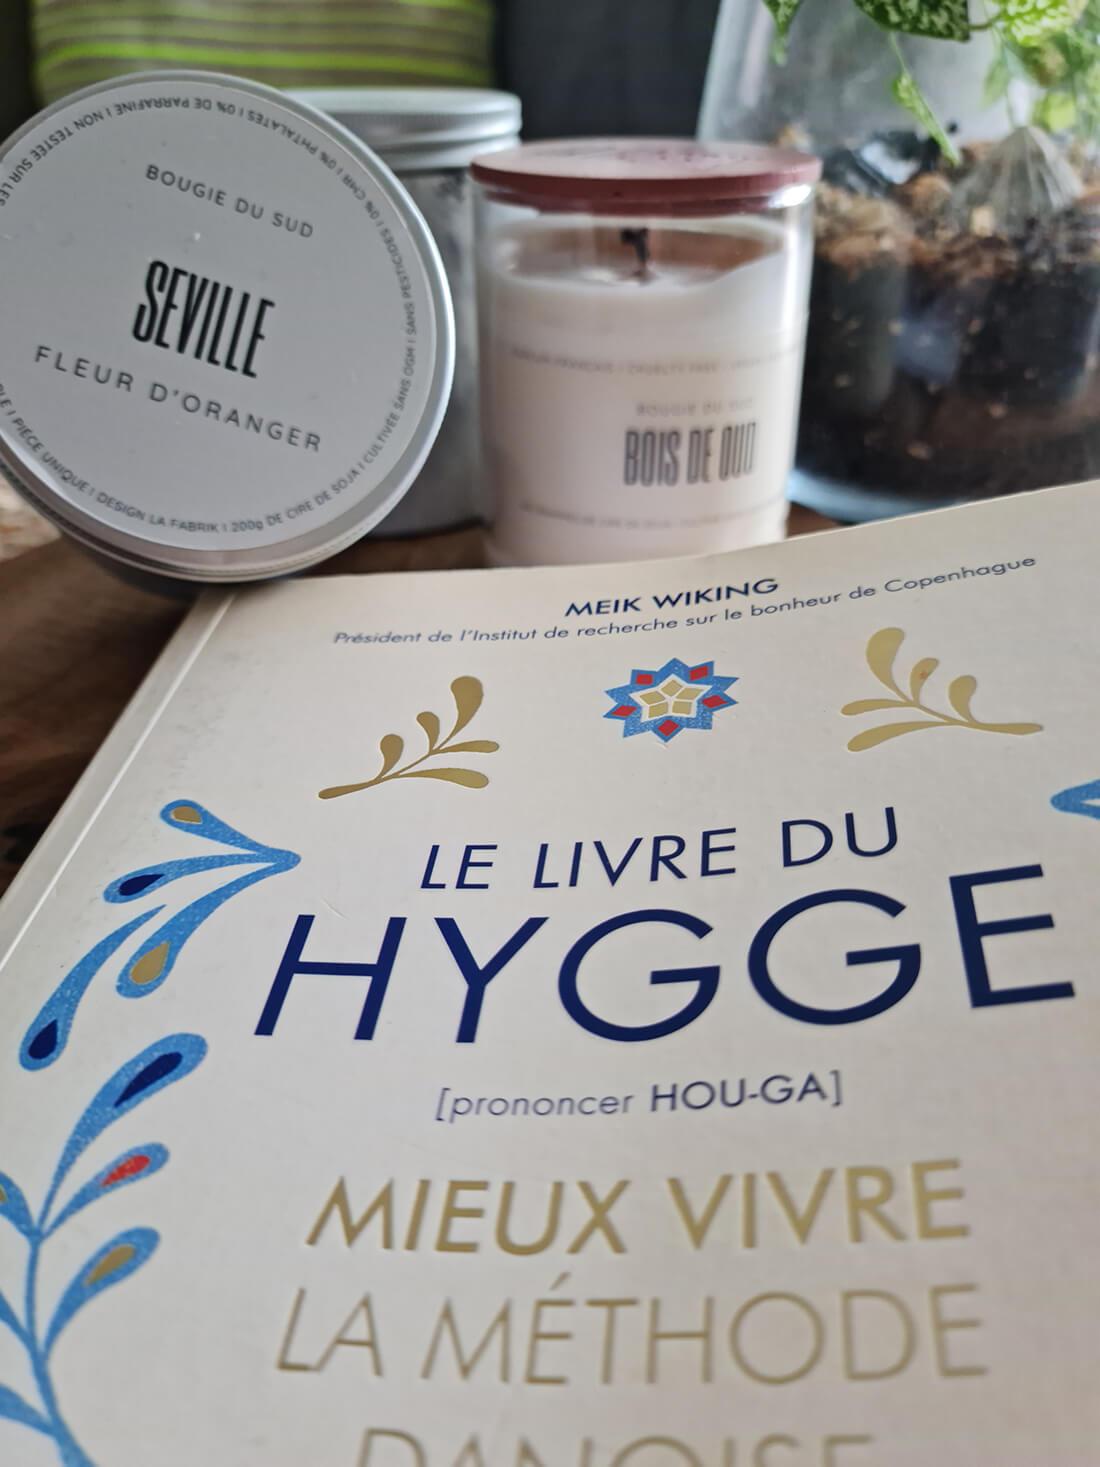 20210918 160718 - Déco Hygge : utiliser la bougie pour créer une ambiance cosy